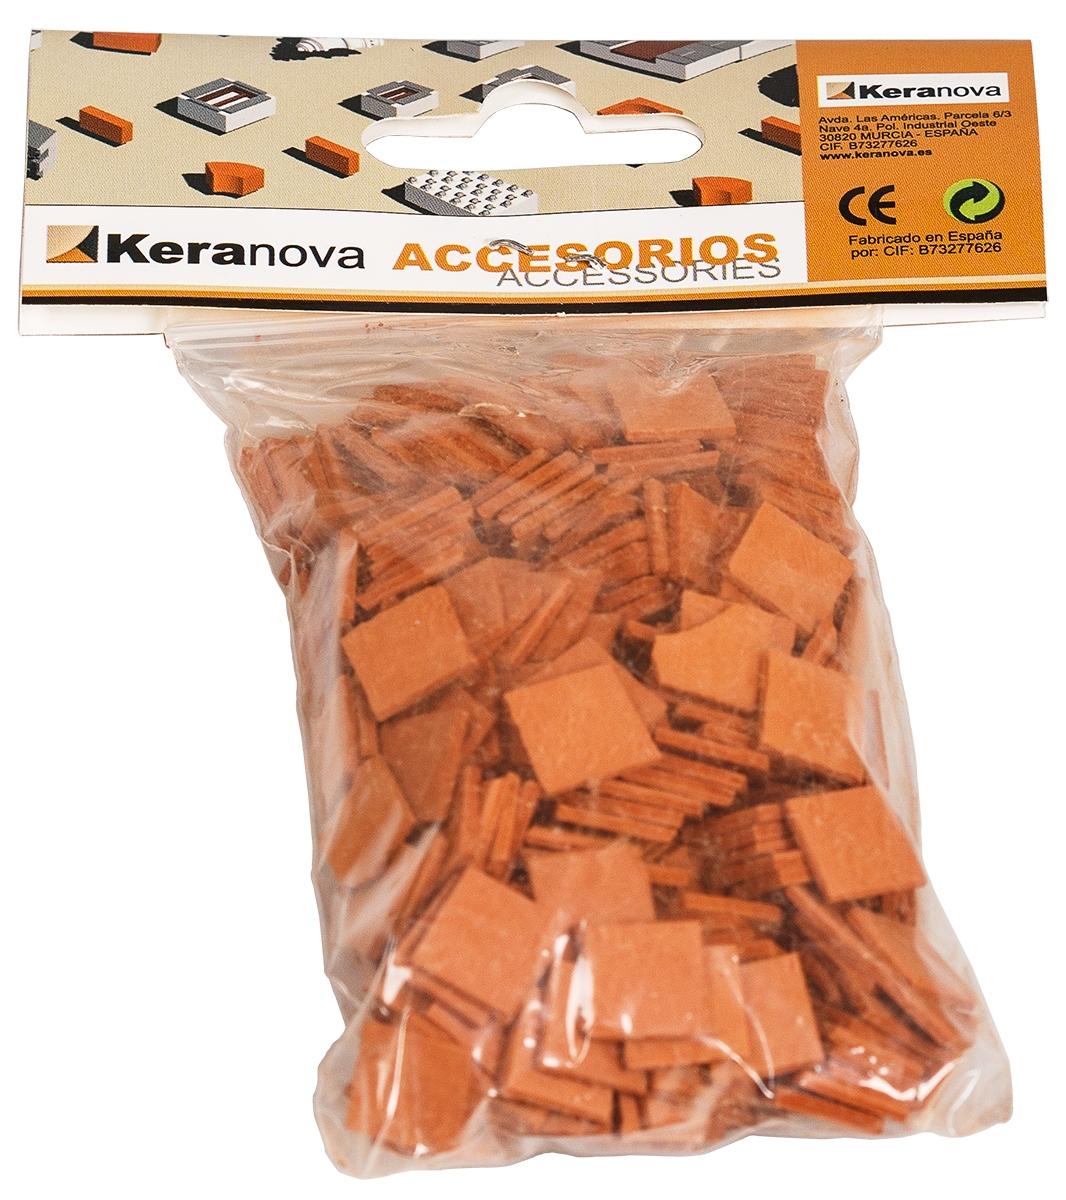 Keranova Конструктор Черепица30804Наборы для создания архитектурных миниатюр Keranova позволяют в полной мере почувствовать себя создателем архитектурных сооружений. Исторические и современные строения, средневековые замки и домики, башни, мельницы, мосты, береговые маяки — вы можете построить сами и украсить миниатюру по своему желанию. Это невероятно захватывающее занятие для вас и вашего ребенка. В ассортименте представлены модели с разным уровнем сложности. Высокое качество натуральных материалов, достоверность моделей, а также возможность создания миниатюры по своему проекту создают уникальную возможность для реализации творческого начала вне зависимости от возраста и опыта. Сборка наборов способствует развитию мелкой моторики, пространственного мышления, внимания, аккуратности, усидчивости. Также при сборке моделей закладываются основы конструирования. Конструкторы разработаны и изготовлены в Испании в соответствии с обязательными нормами и требованиями к детским товарам с высочайшим европейским качеством и...